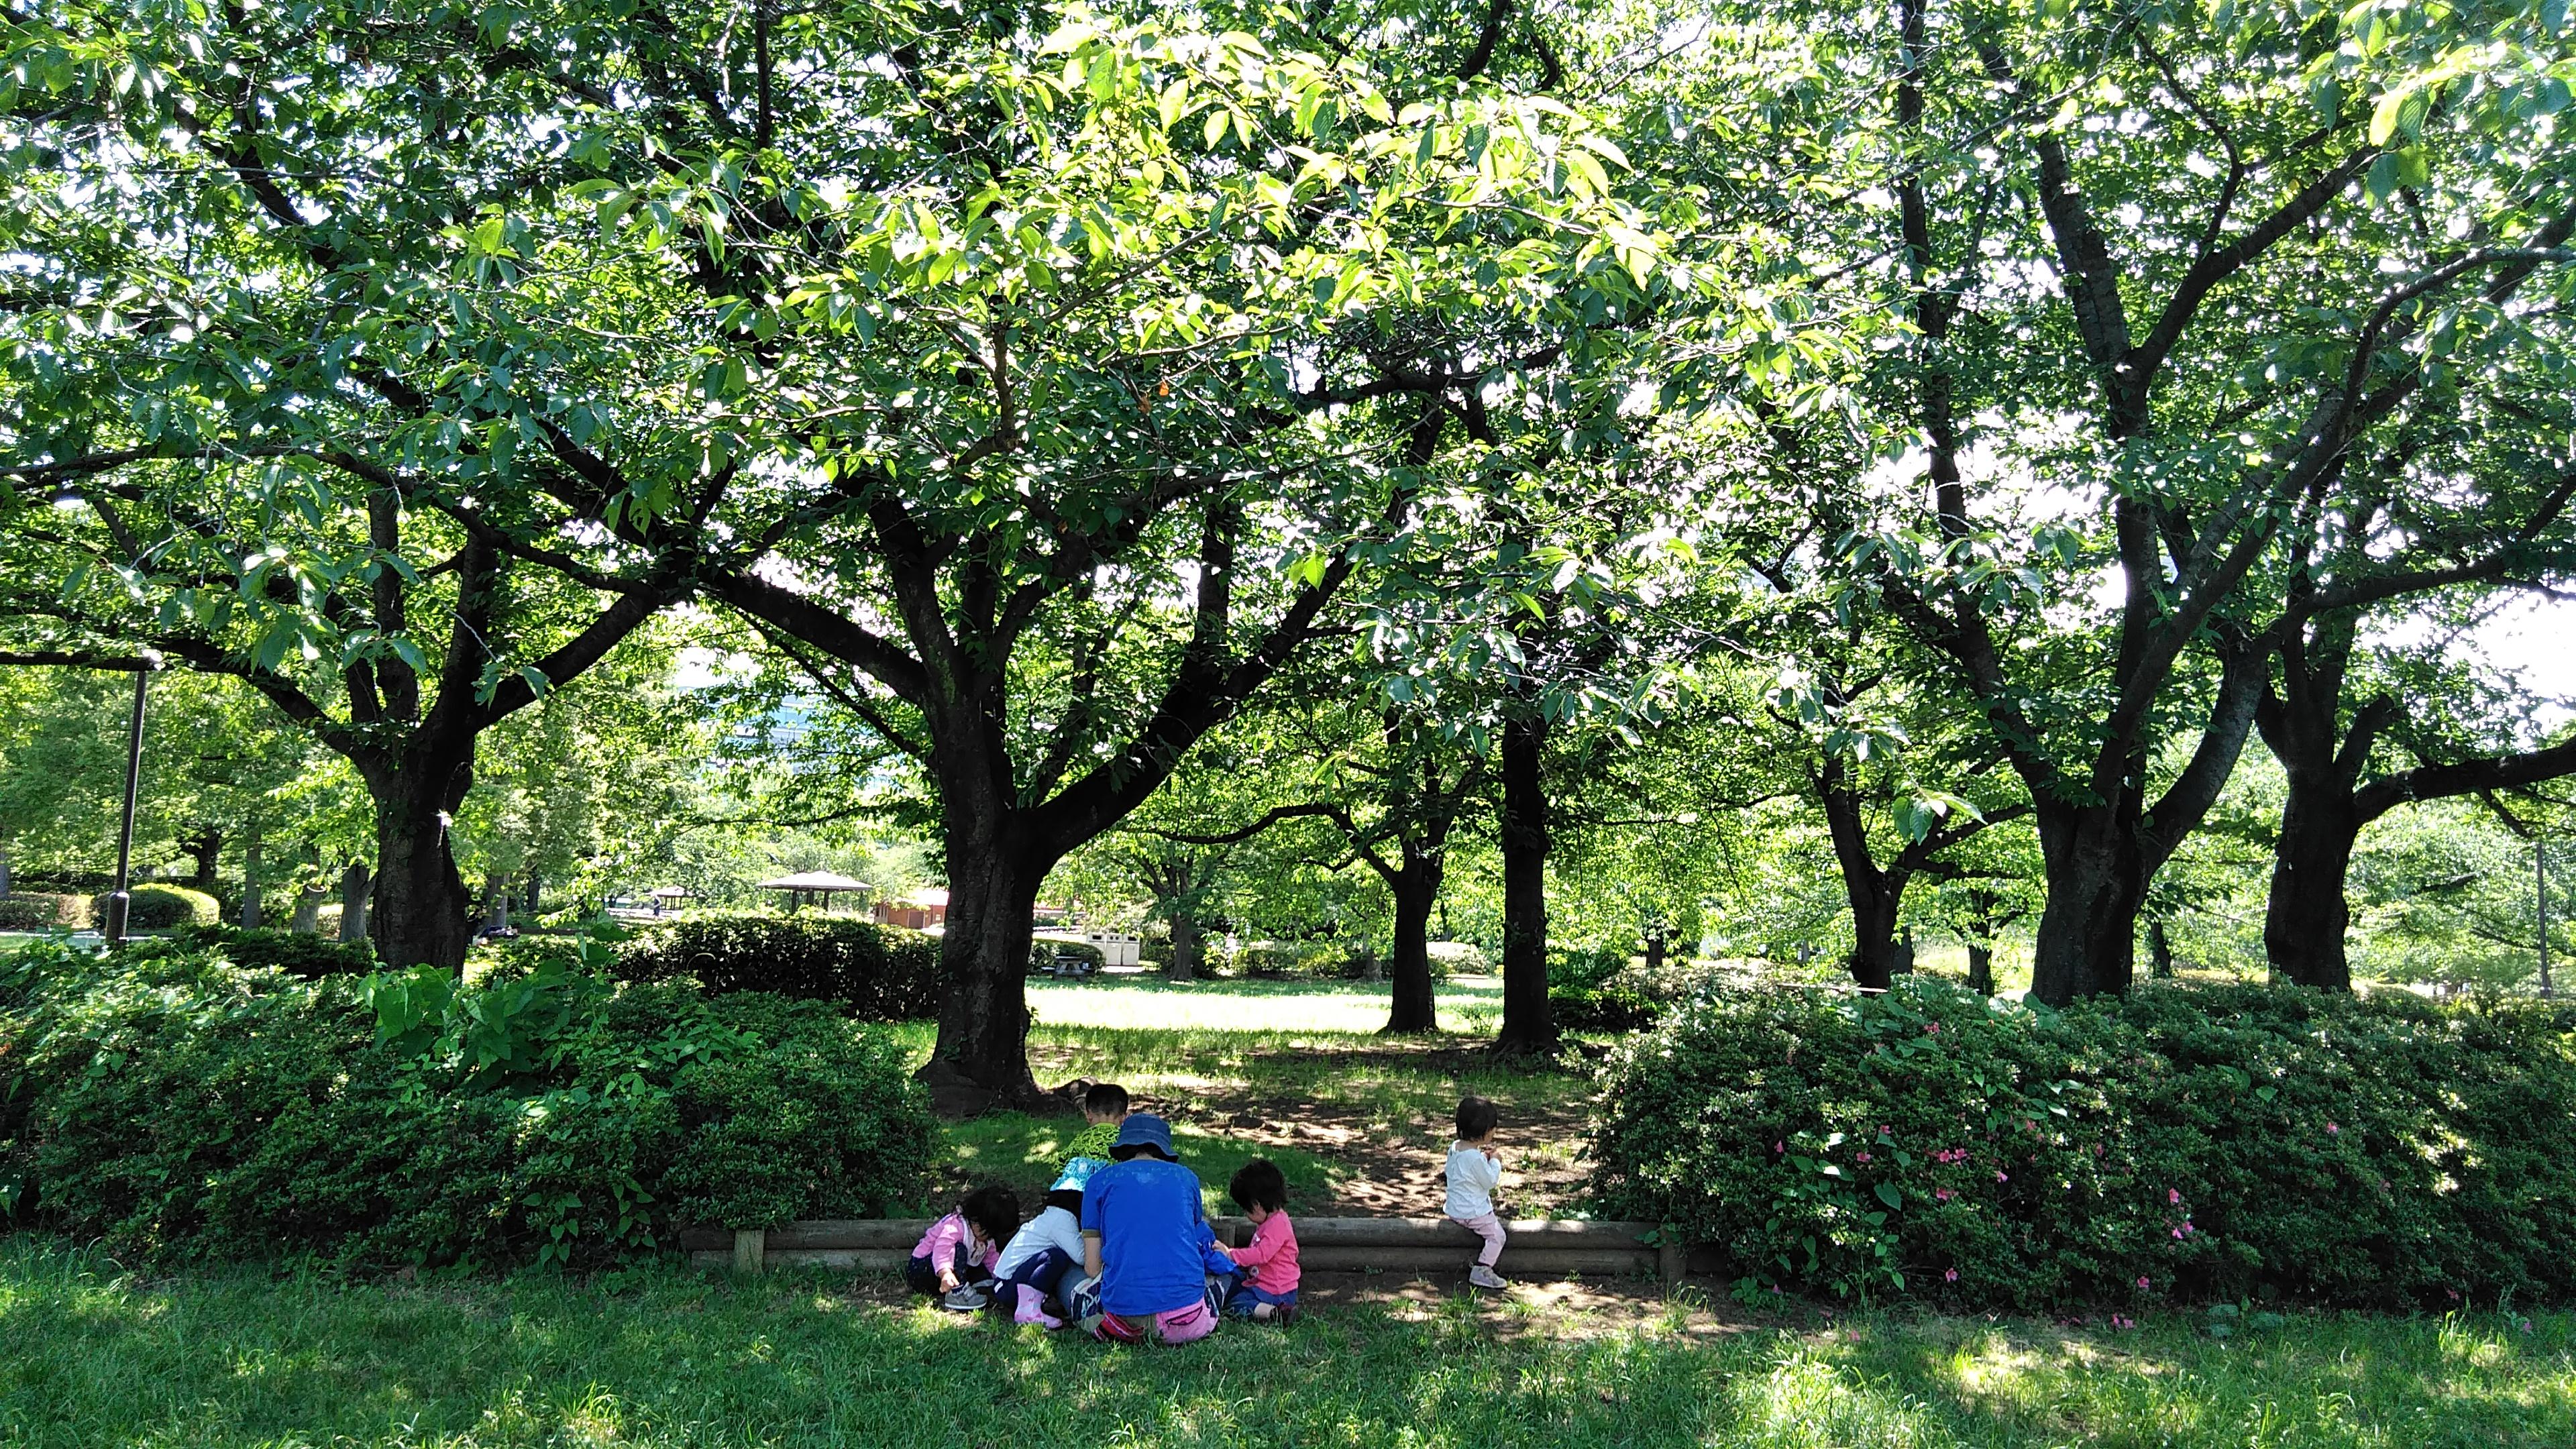 【園児募集!!】2・3歳児募集 わくわくbase亀戸保育園